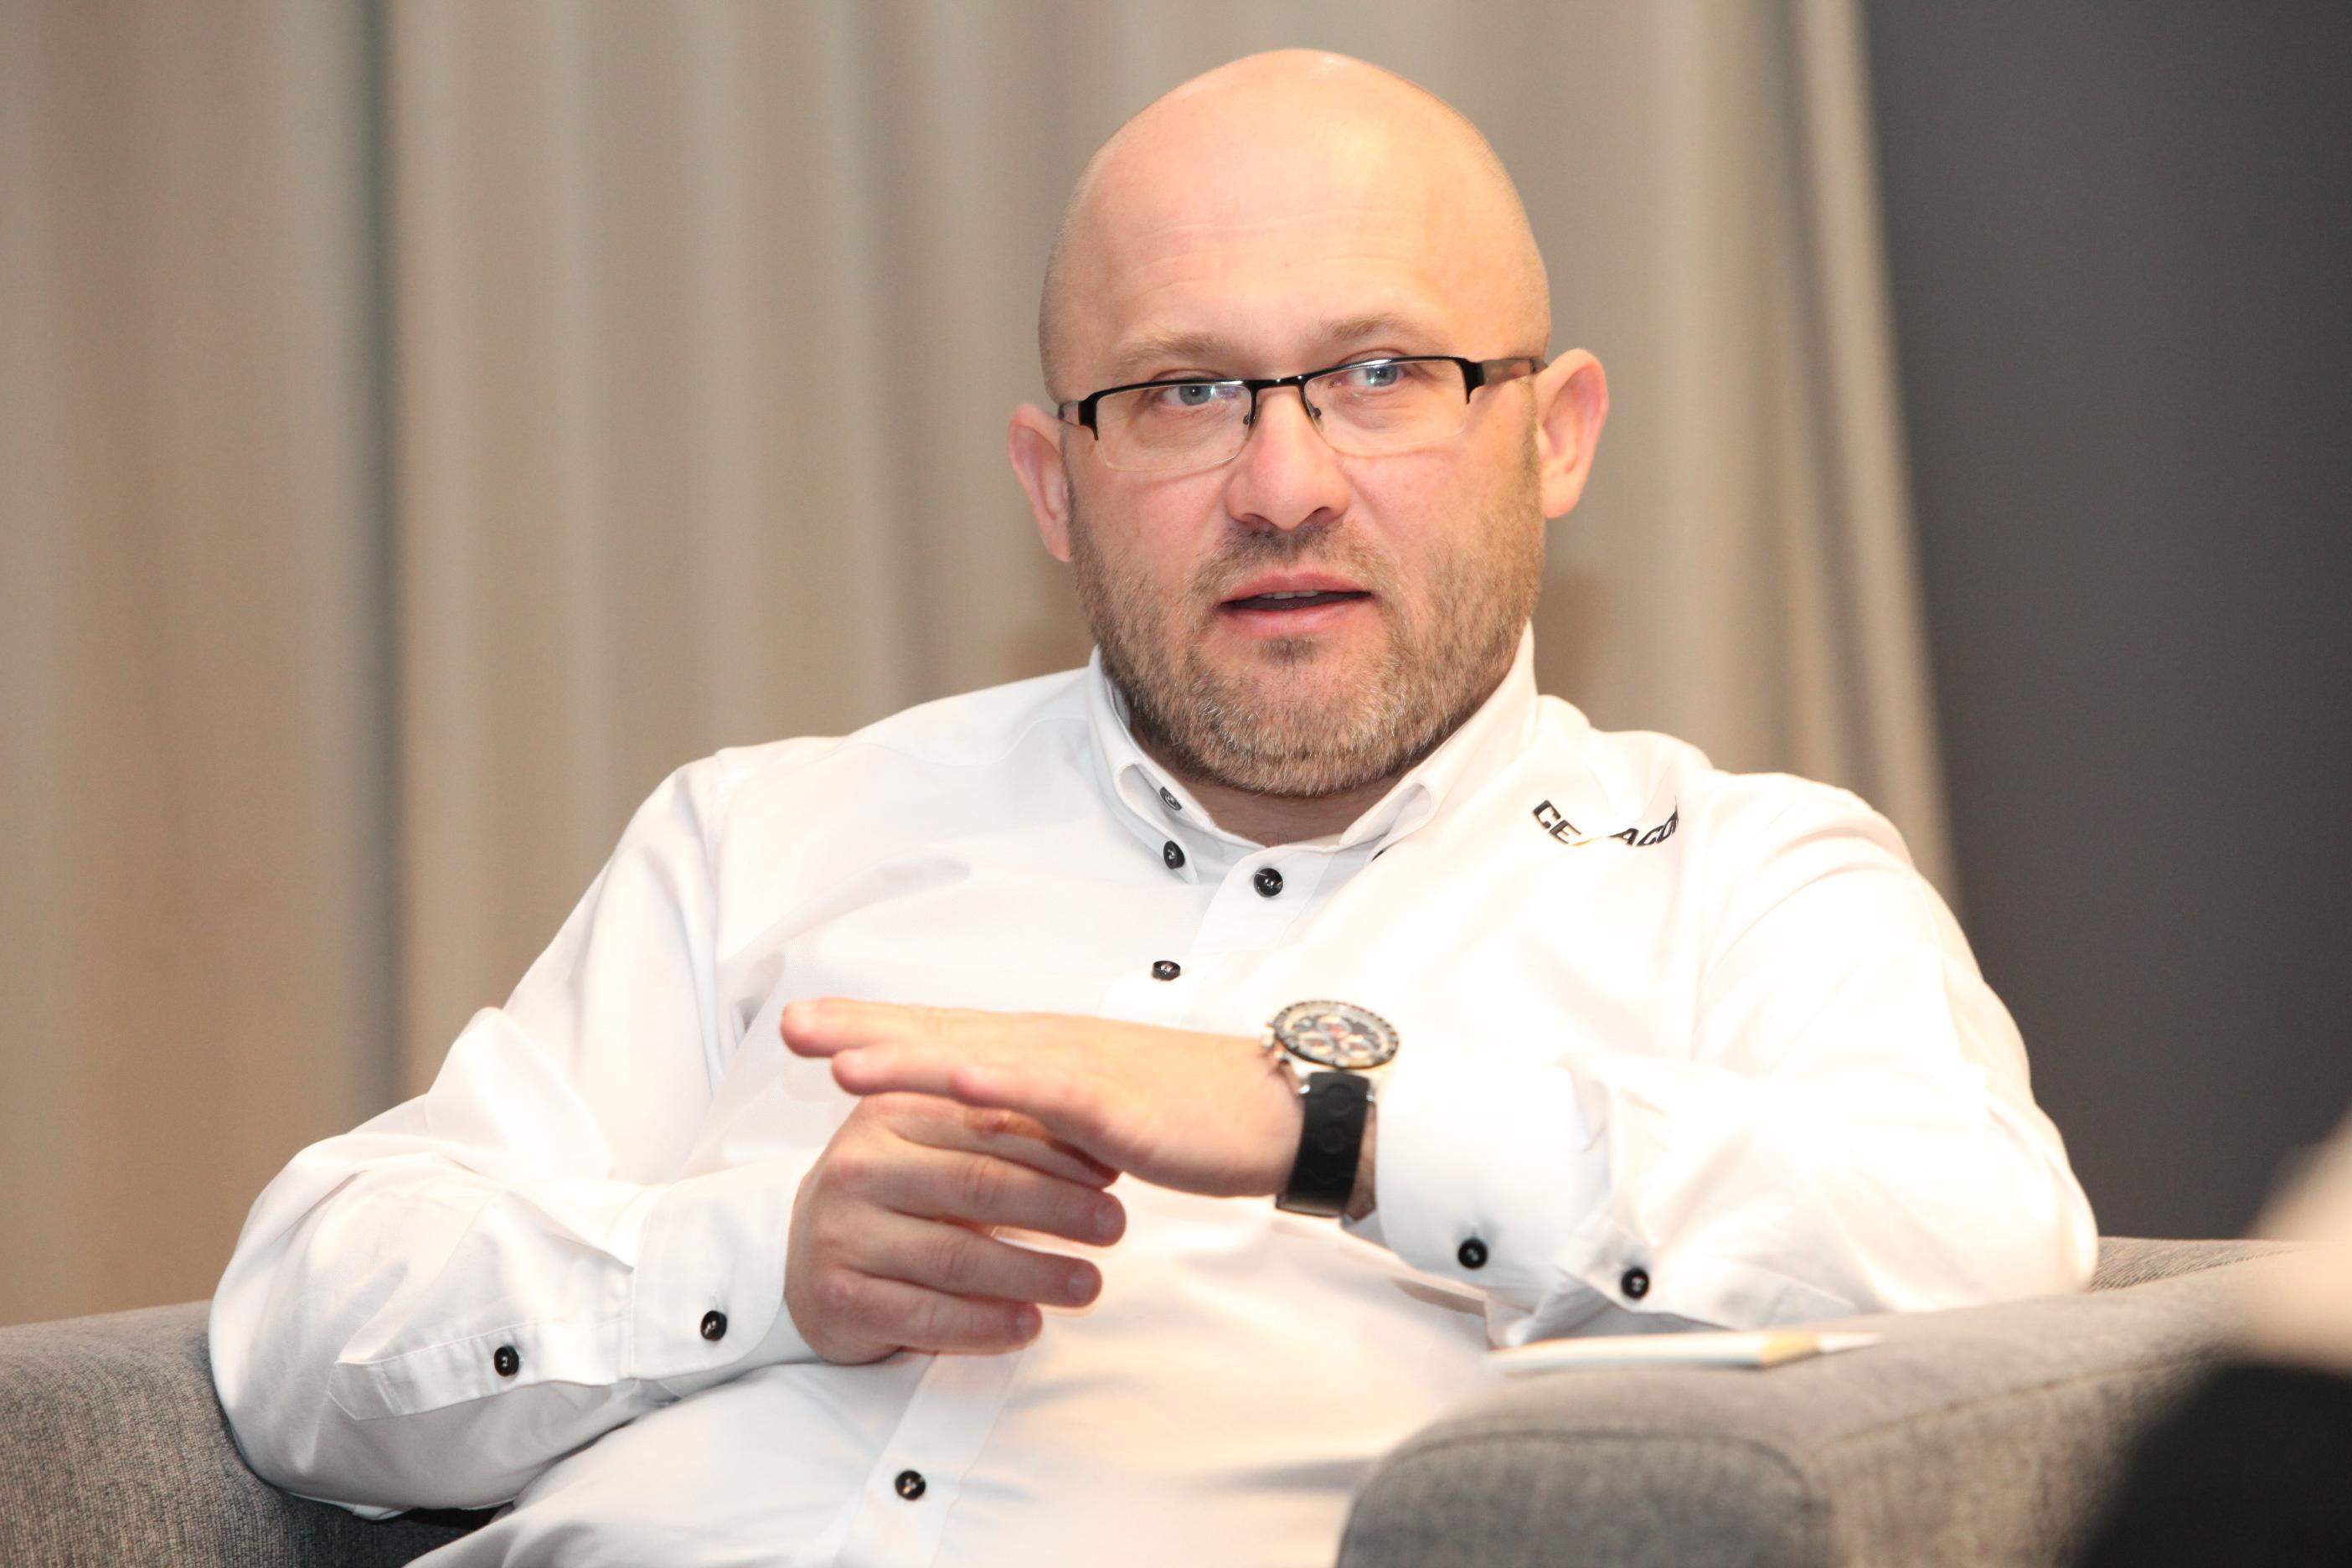 Liviu Stoleru Director General și Președinte al Consiliului de Administrație al Cemacon - Cemacon a devenit